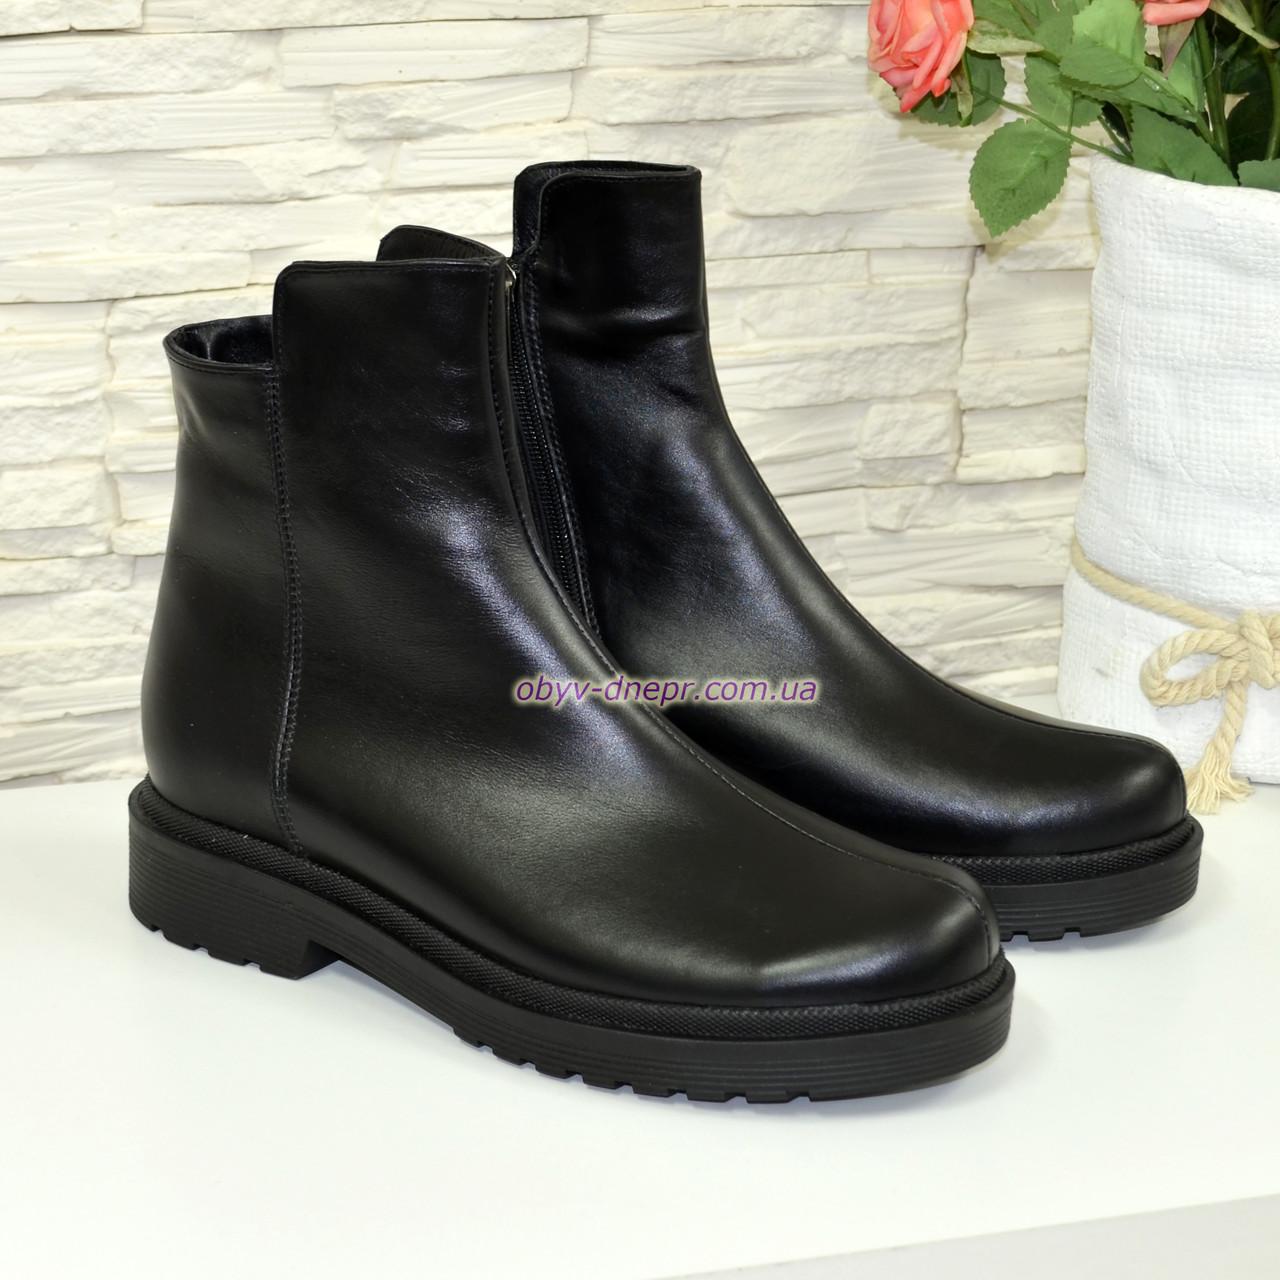 Ботинки женские кожаные демисезонные на маленьком каблуке, цвет черный